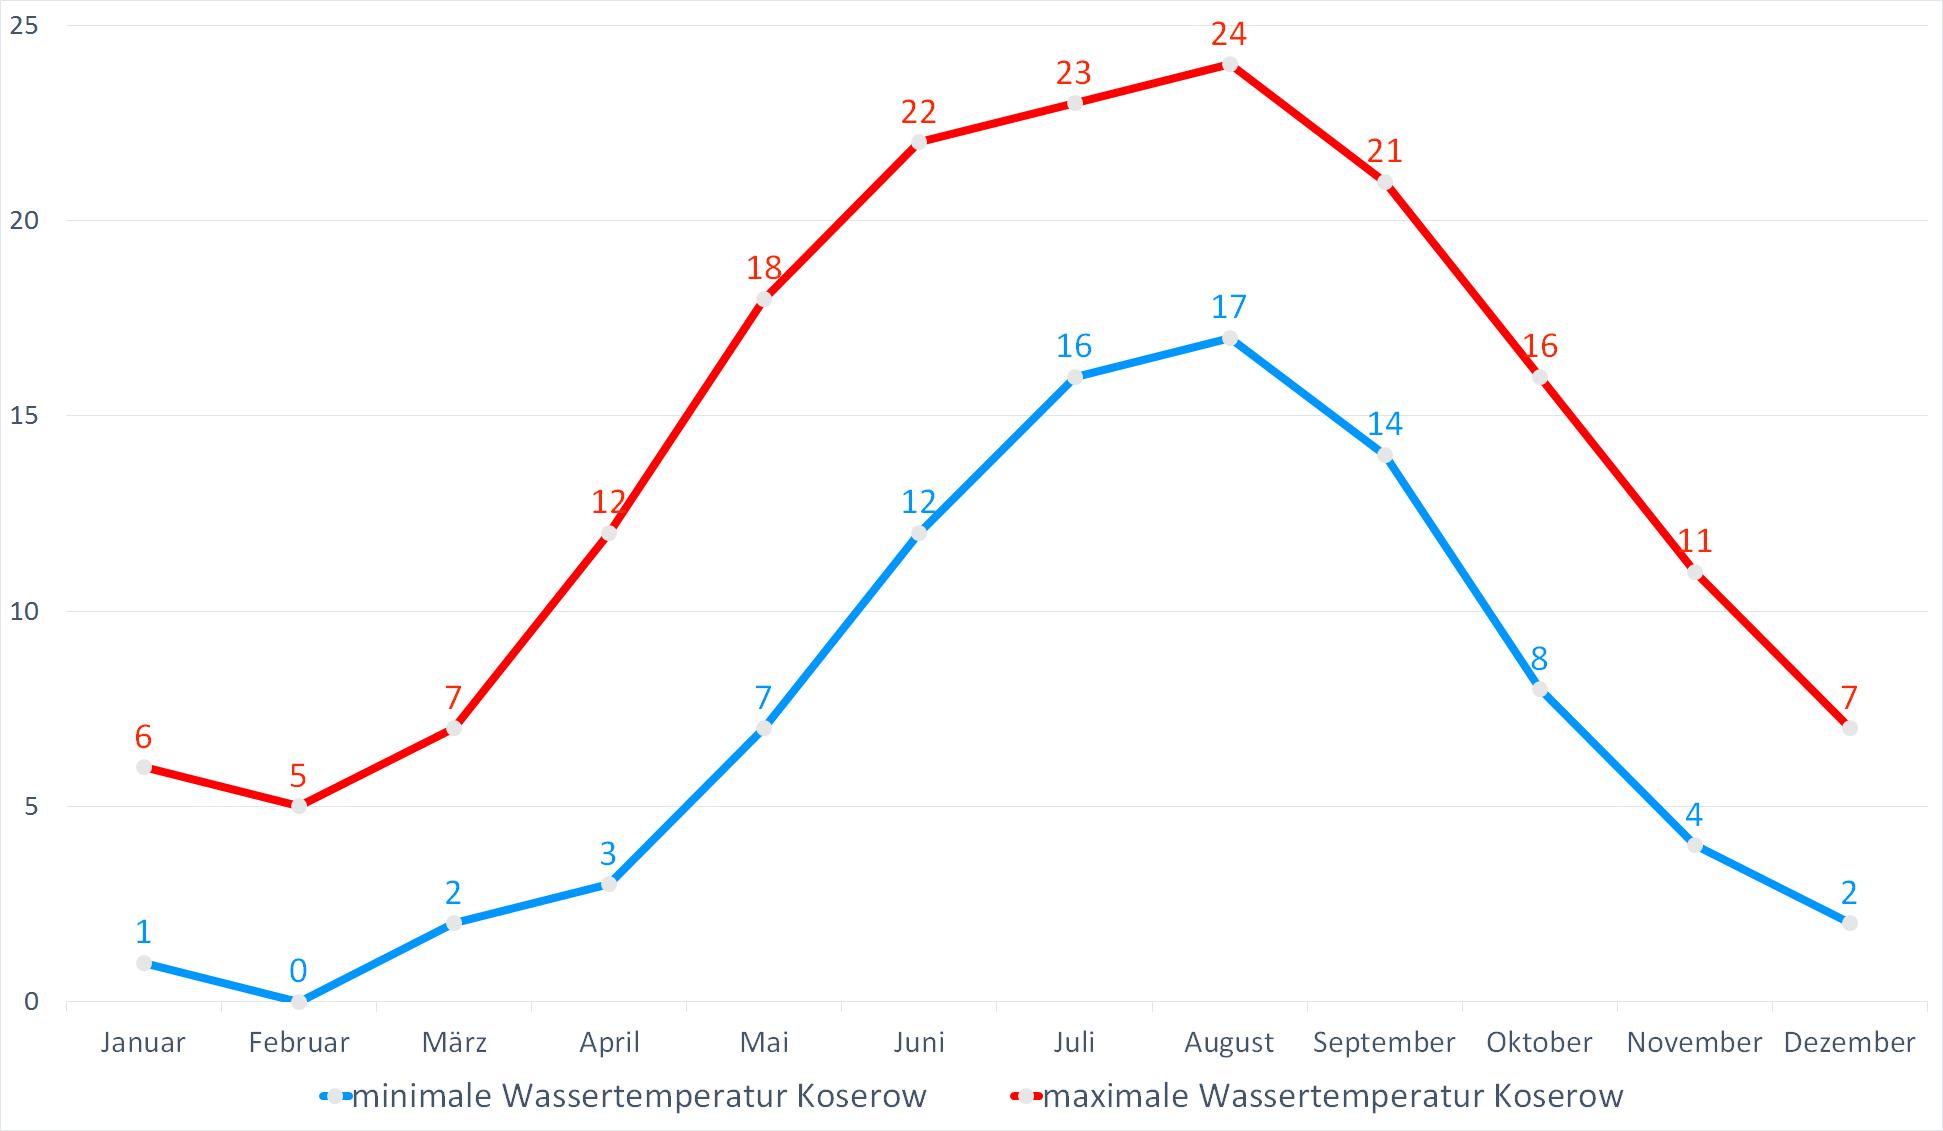 Minimale & Maximale Wassertemperaturen für Koserow im Jahresverlauf